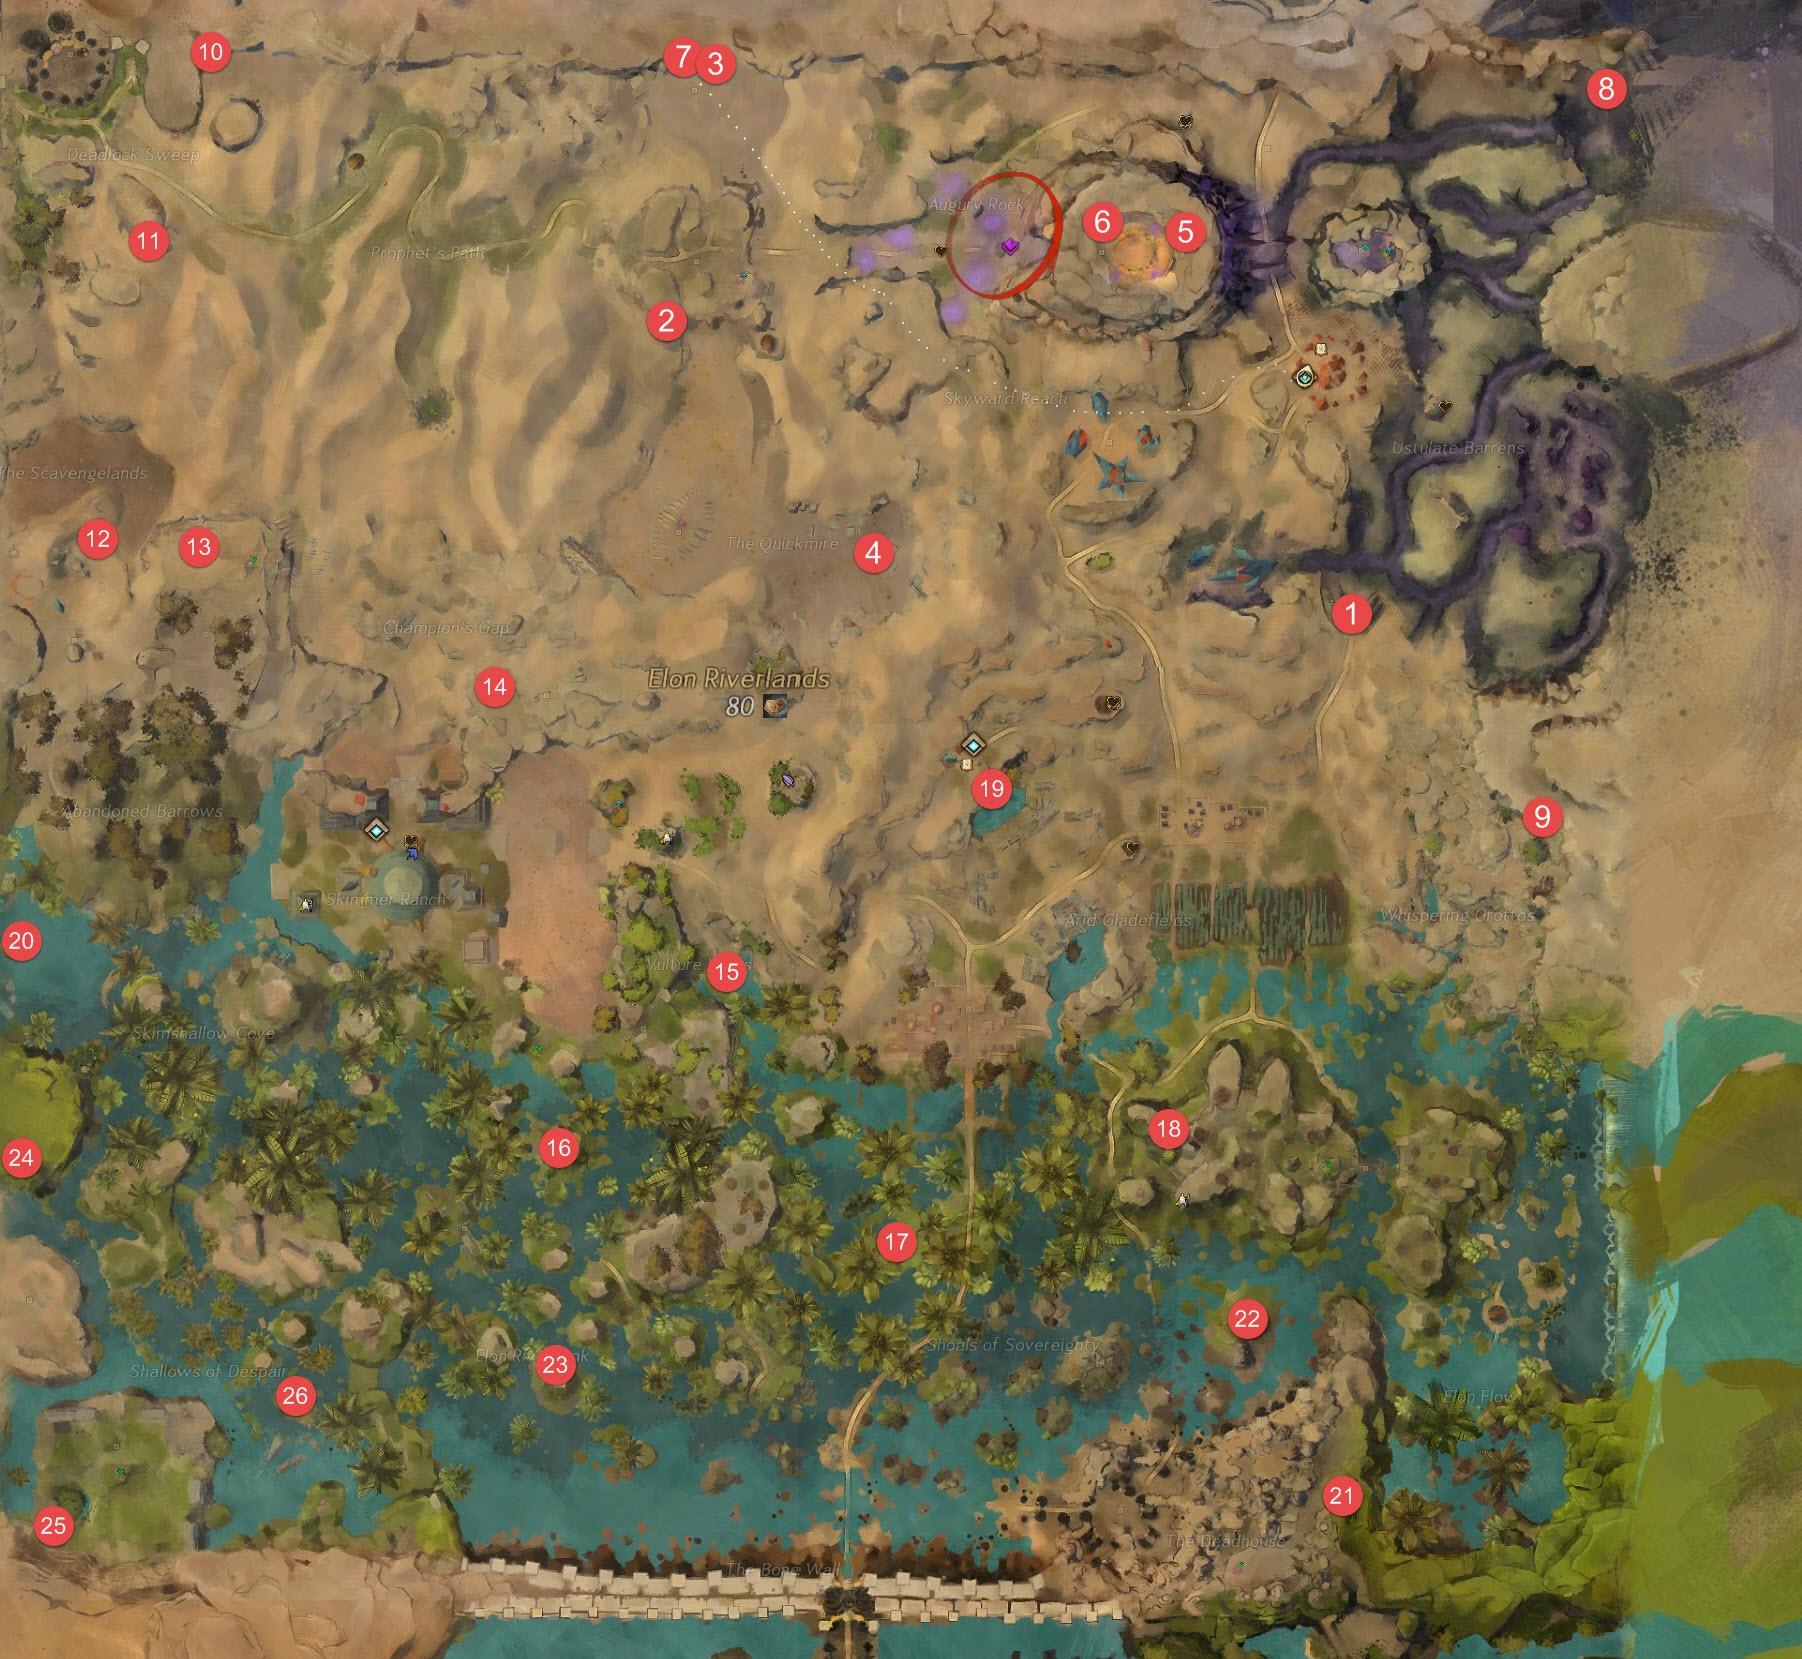 gw2-forgotten-debris-achievement-guide-map